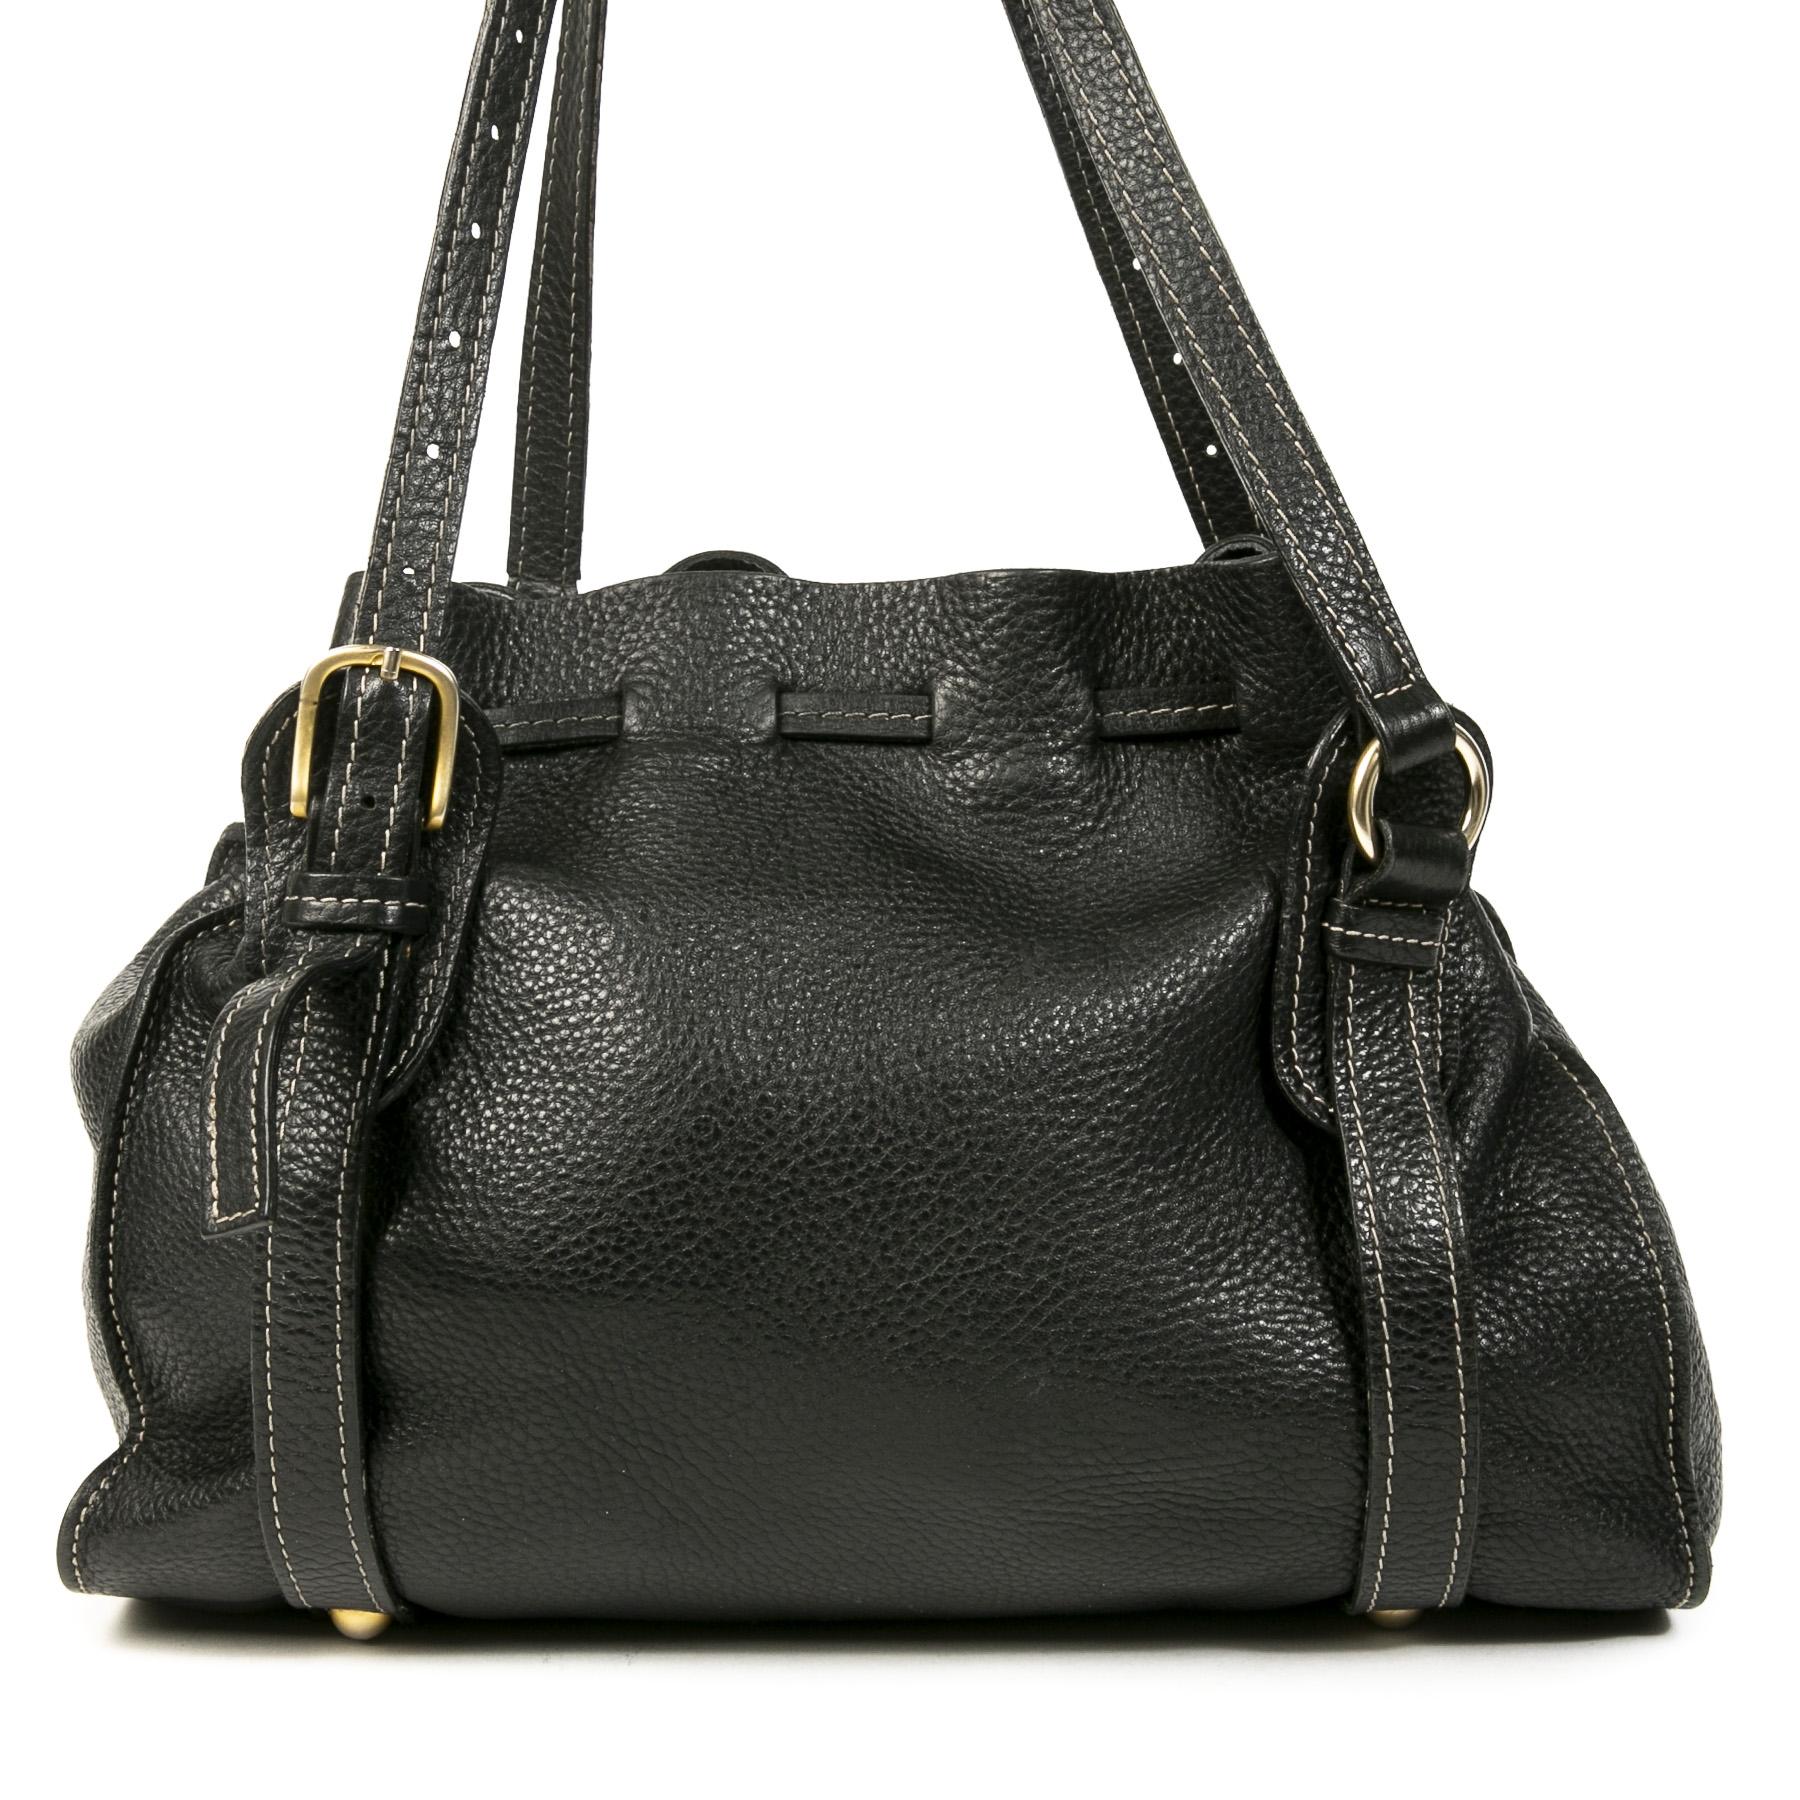 Authentieke Tweedehands Miu Miu Black Leather Drawstring Shoulder Bag juiste prijs veilig online shoppen luxe merken webshop winkelen Antwerpen België mode fashion